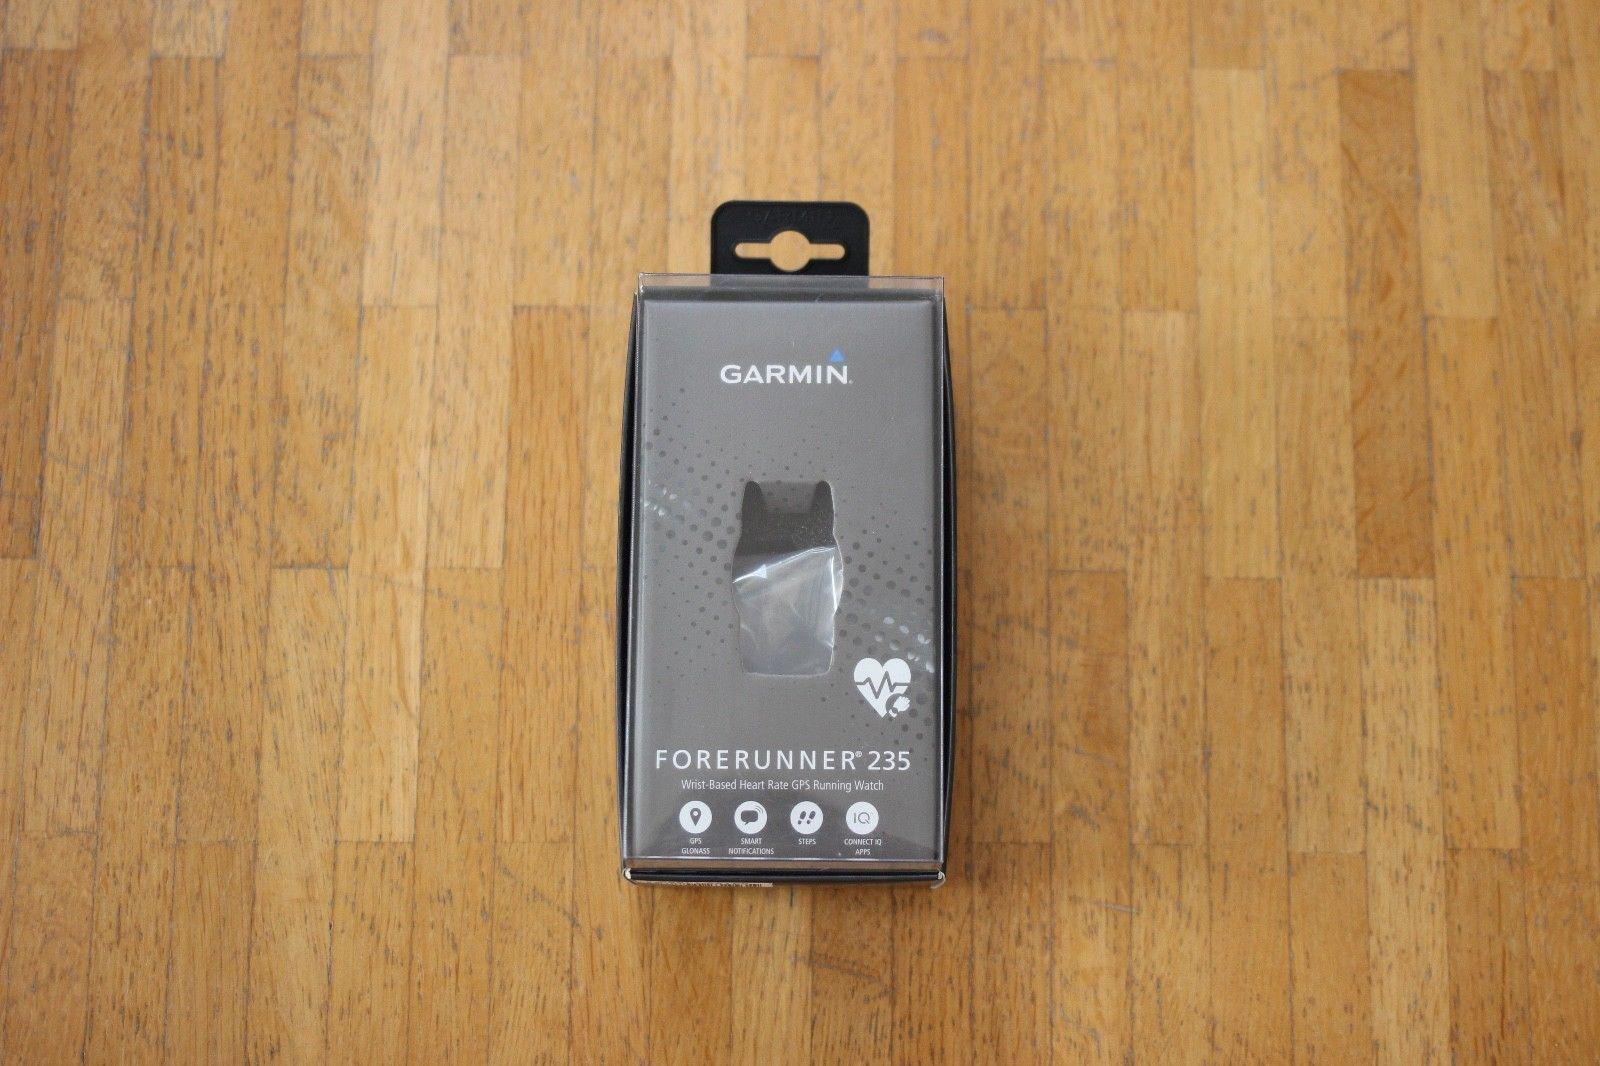 Garmin - Forerunner 235 - Sportuhr - Bluetooth - GPS - Schwarz-Grau